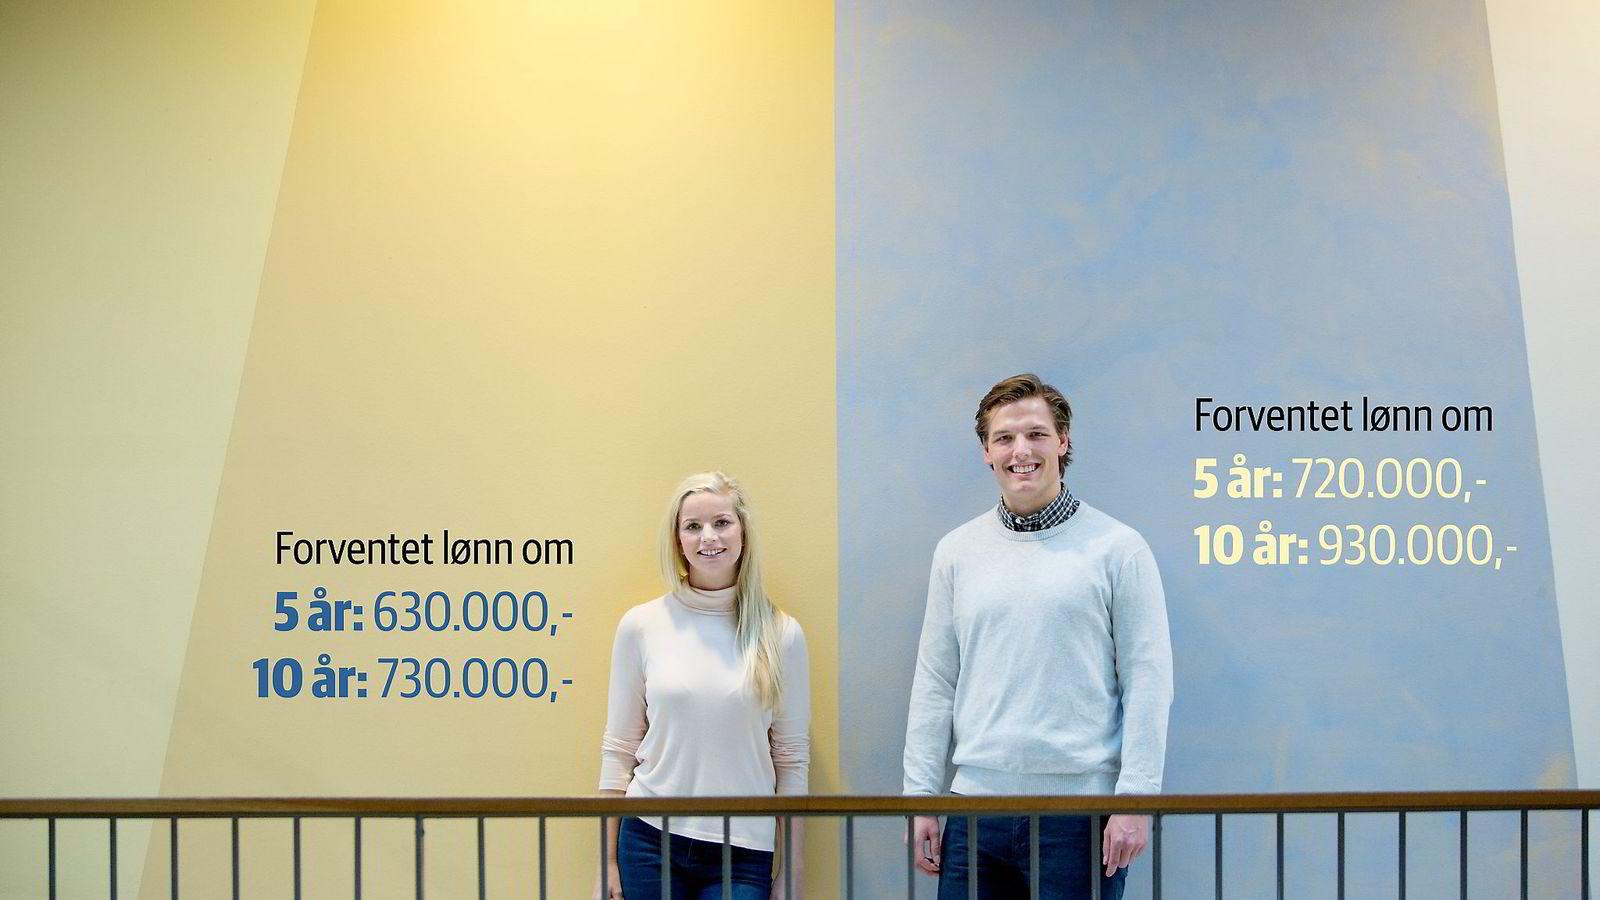 Econas lønnsstatistikk viser at masterstudentene Carl Causevic (24) og Josefine Slinde Birkeland (22) ikke vil tjene det samme om fem og ti år. Foto/grafikk: Øyvind Elvsborg/DN